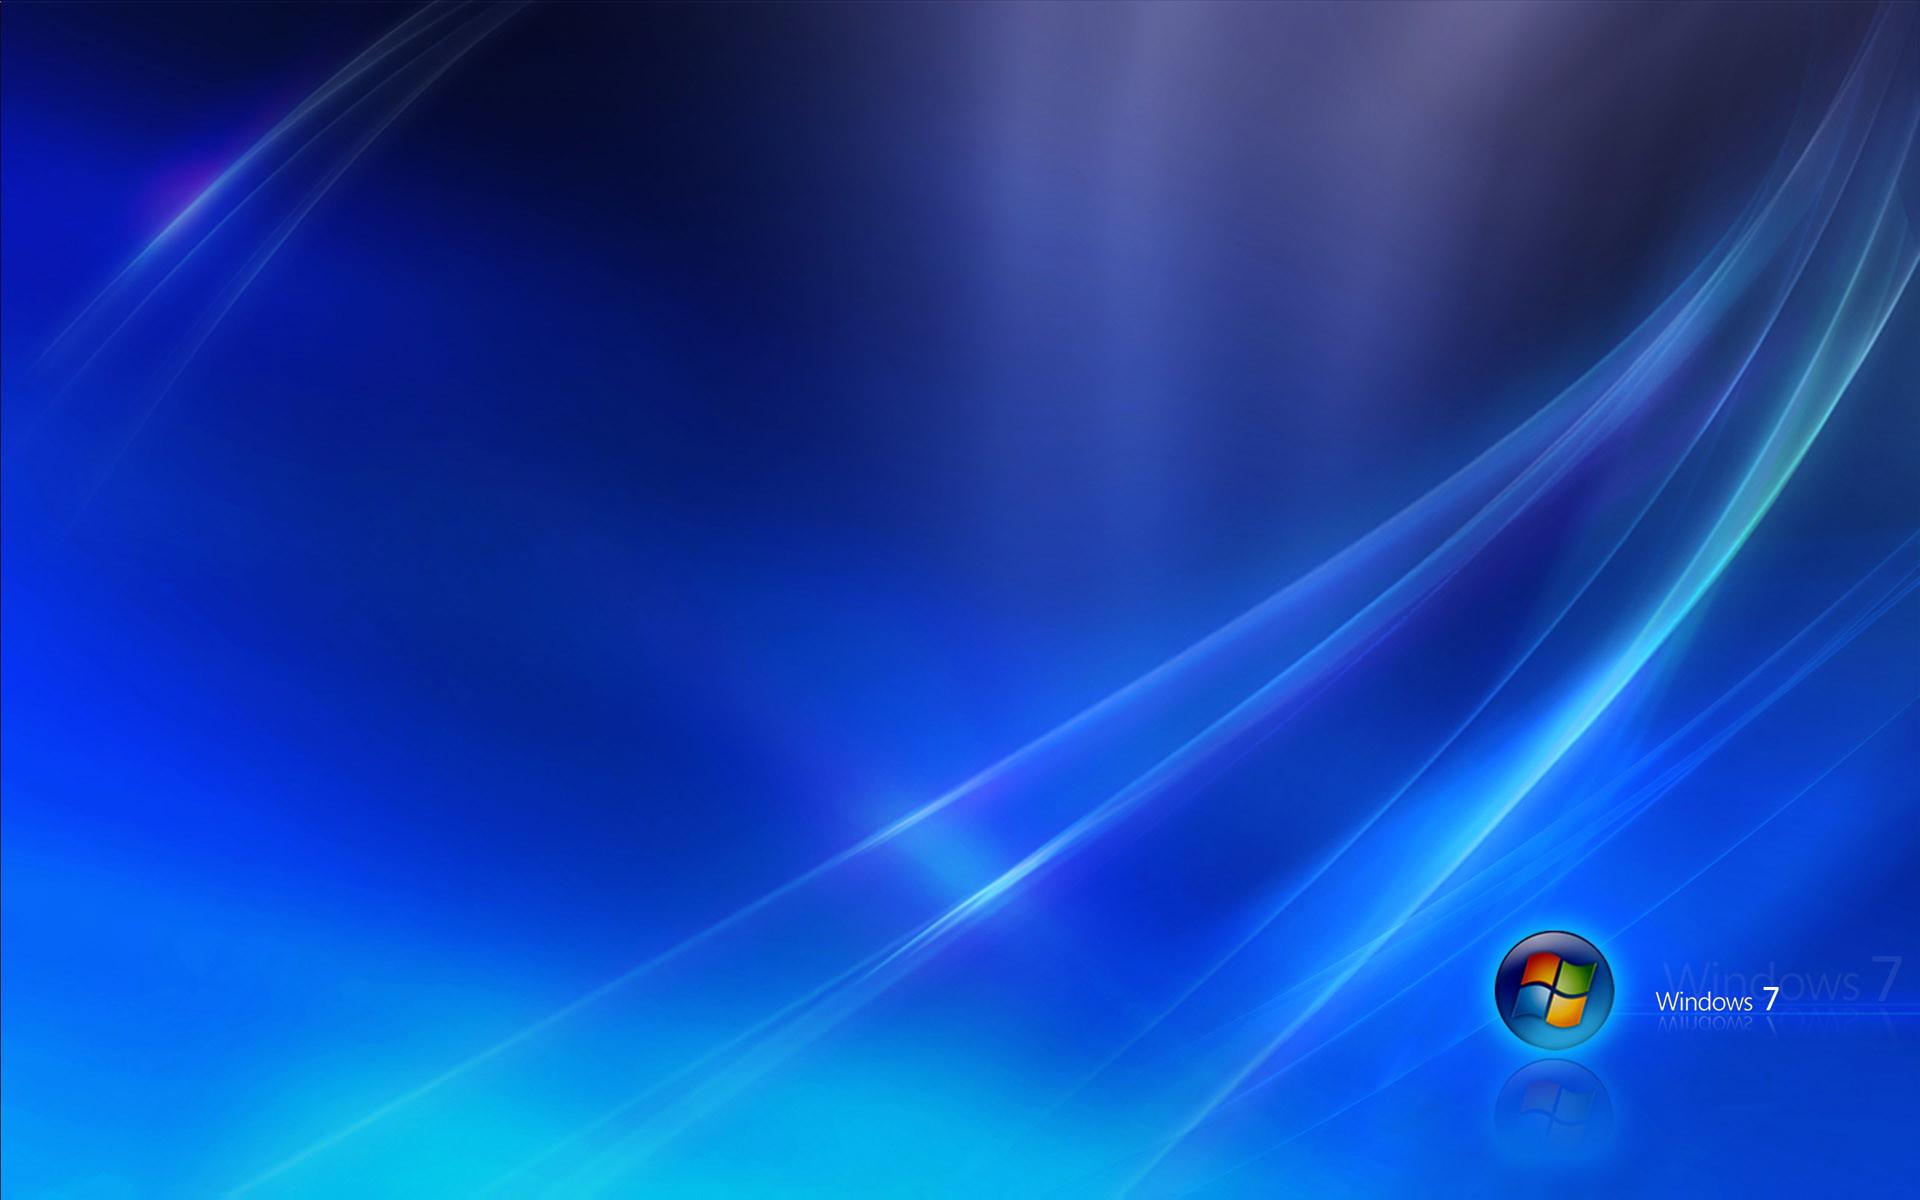 Desktop Wallpaper Windows 7 69 Pictures